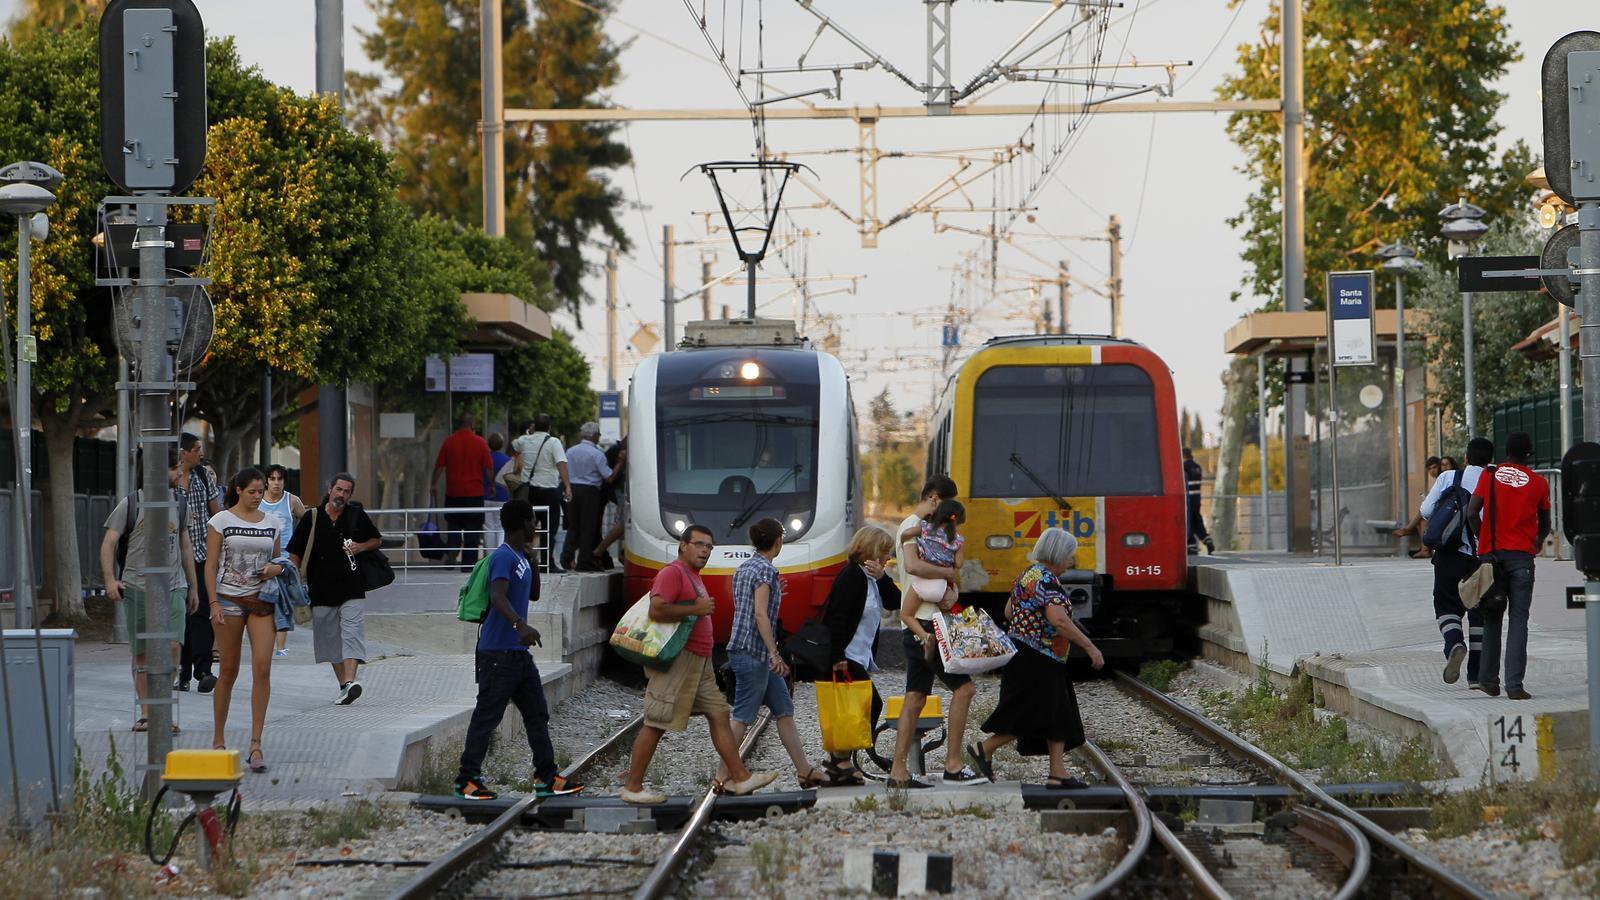 El tren ampliarà els horaris nocturns els cap de setmana durant l'estiu. / ISAAC BUJ